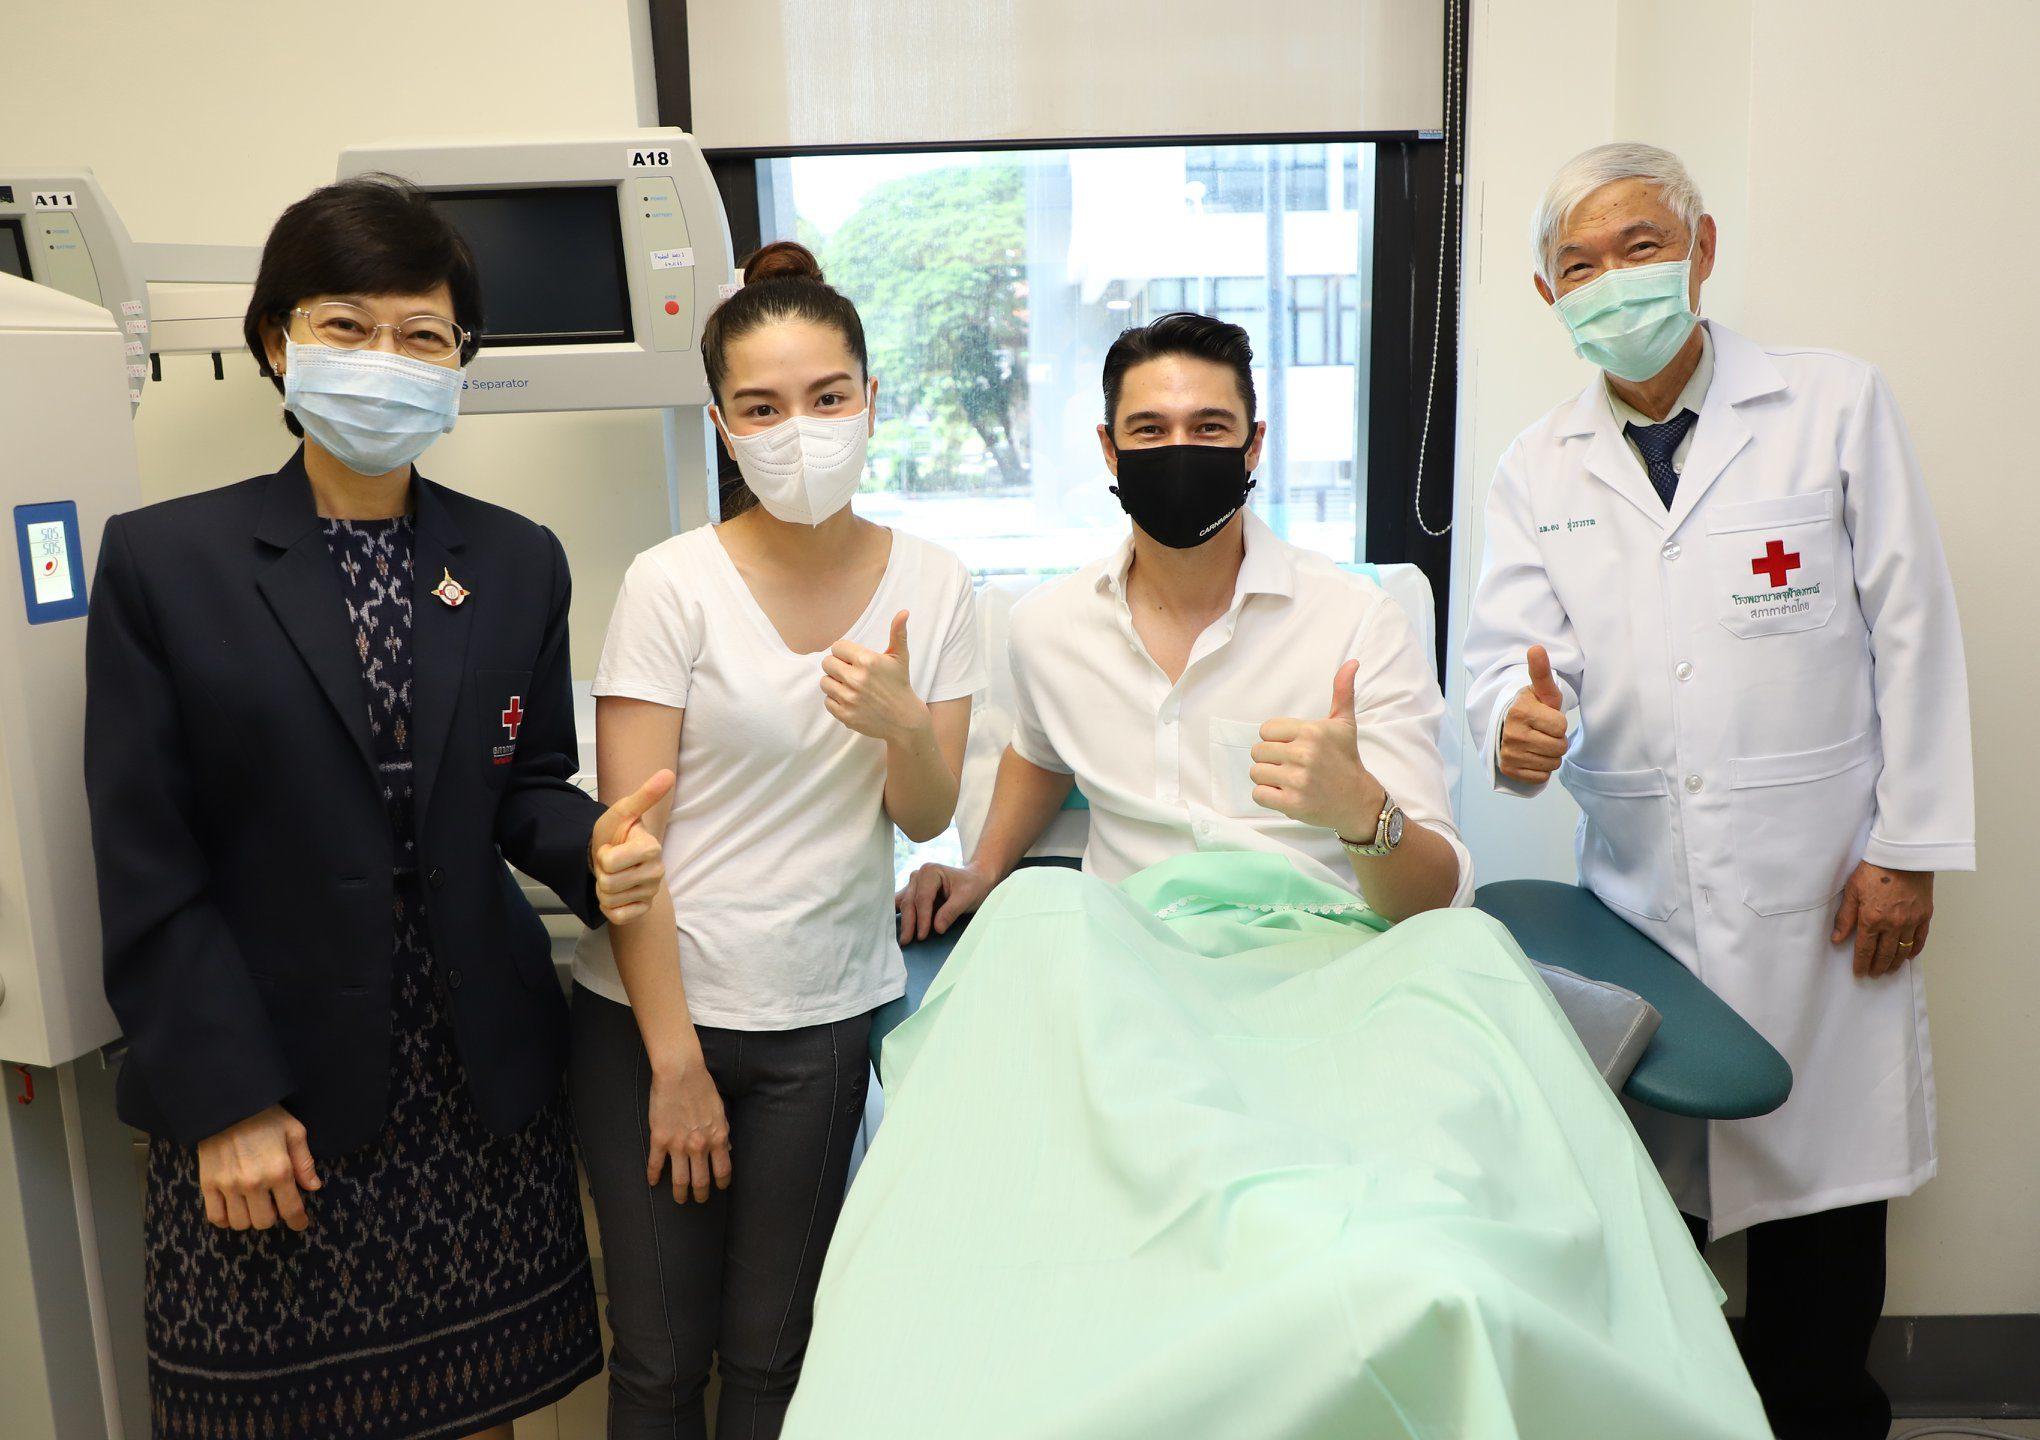 สภากาชาดไทย ขอรับบริจาคพลาสมา ช่วยเหลือ ผู้ป่วยโควิด-19